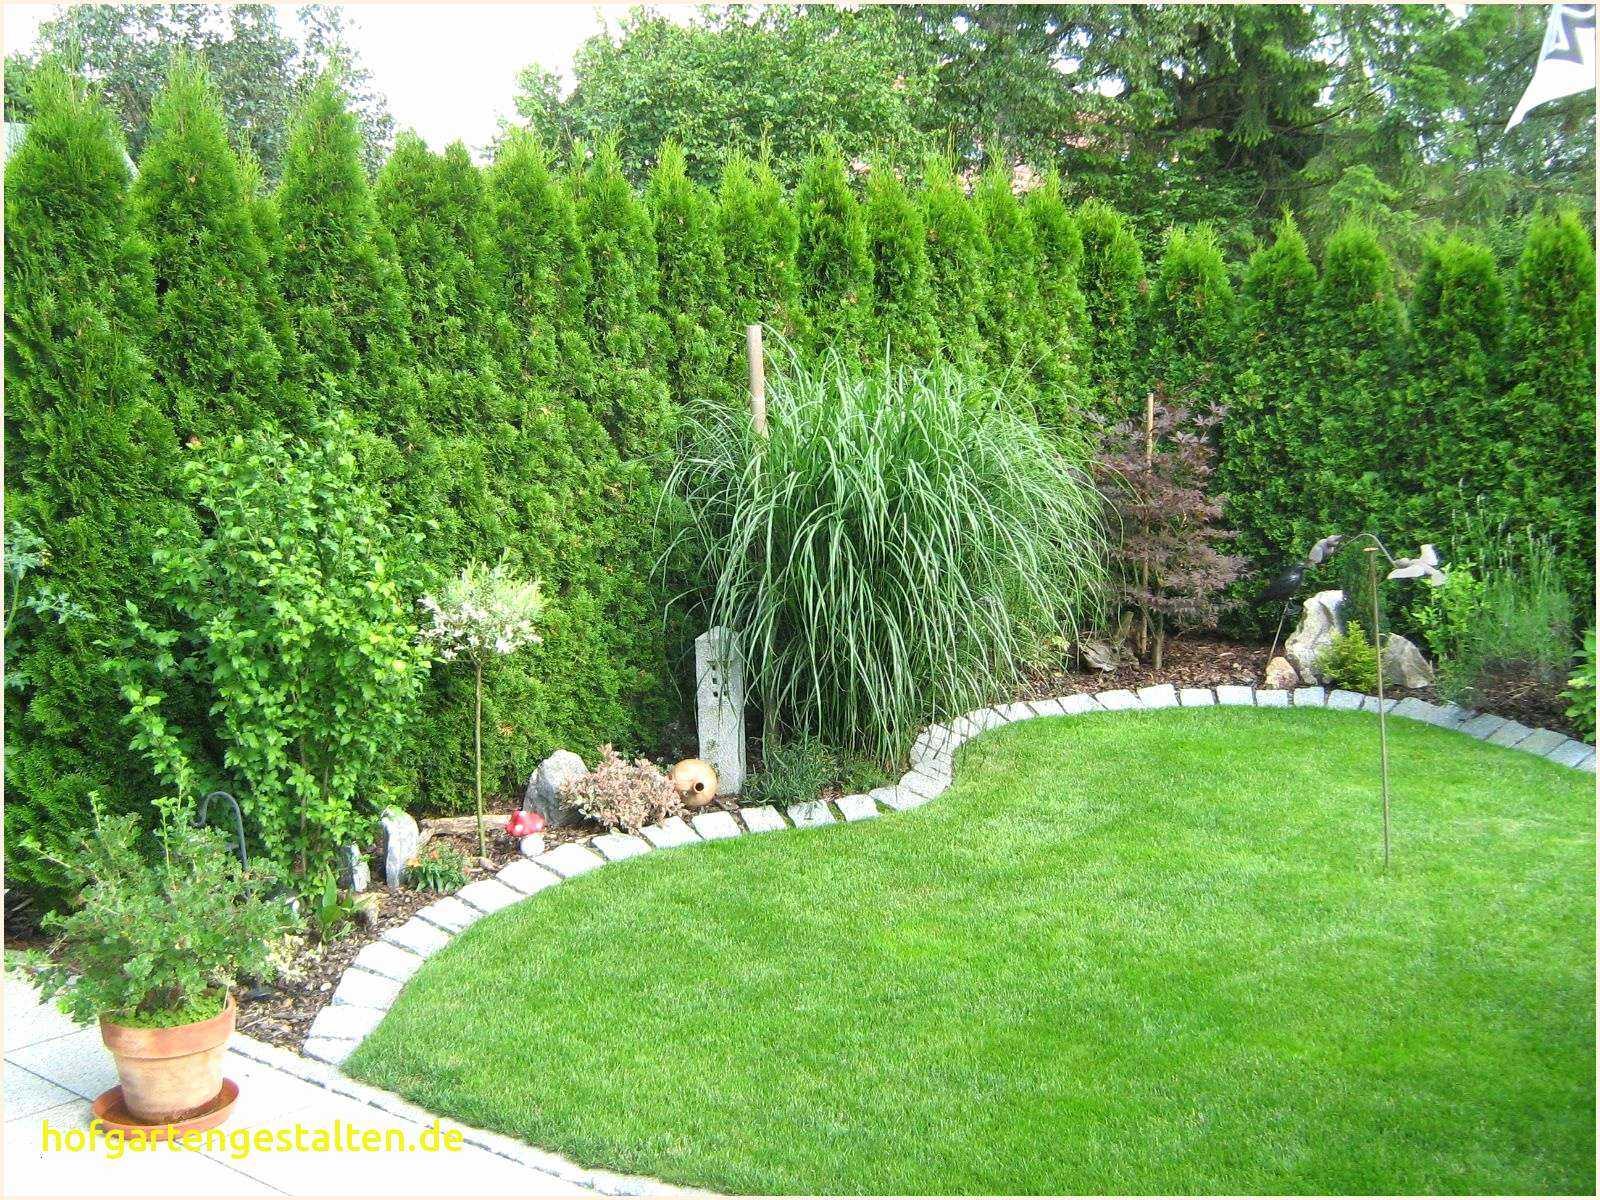 Römischer Garten Einzigartig 30 Elegant Trampolin Fr Den Garten Reizend Hausgaleriezimme